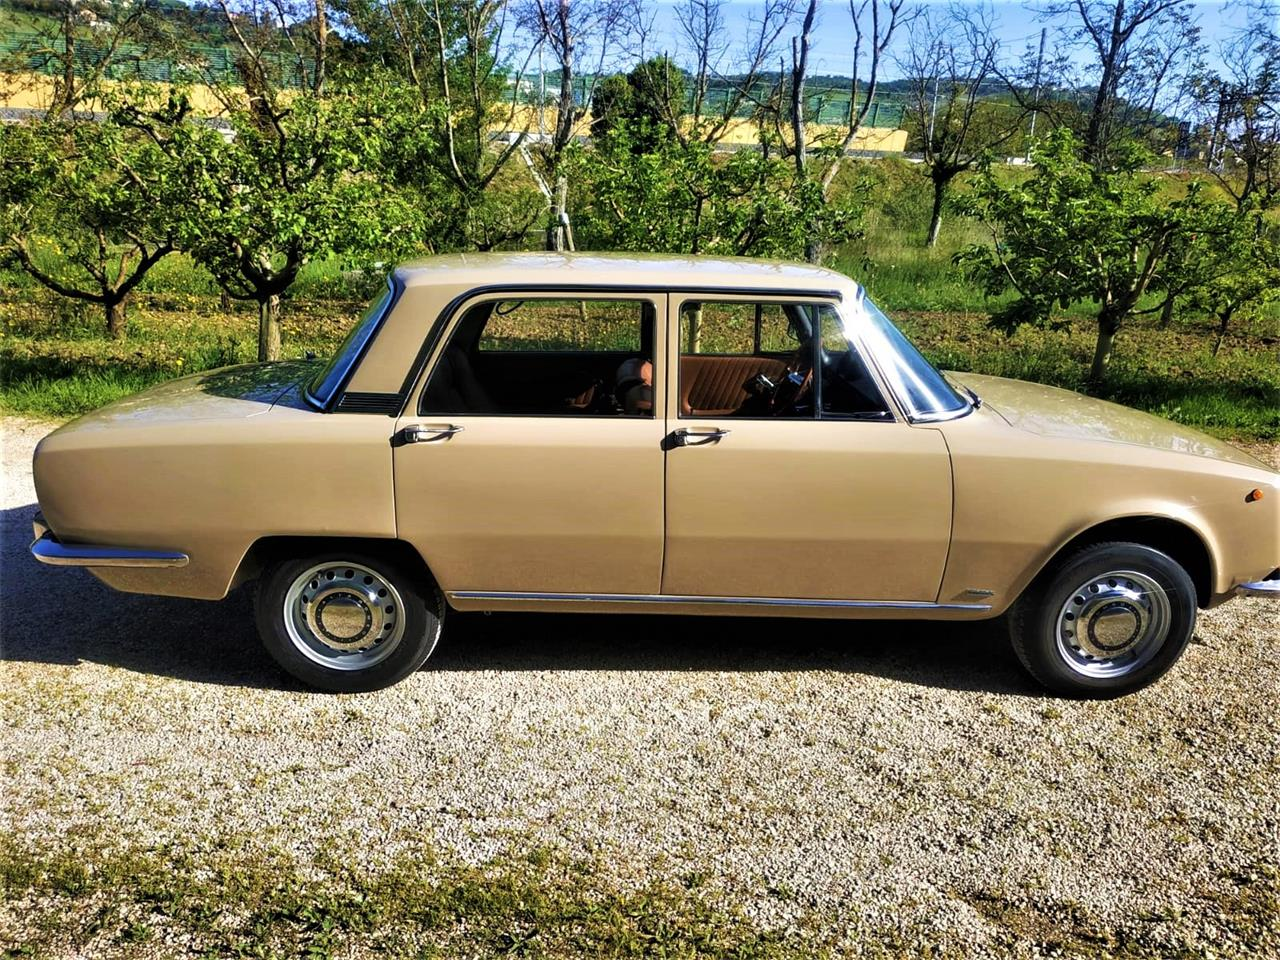 1969 Alfa Romeo 1750 (CC-1258208) for sale in Carini, Palermo, SIcily,